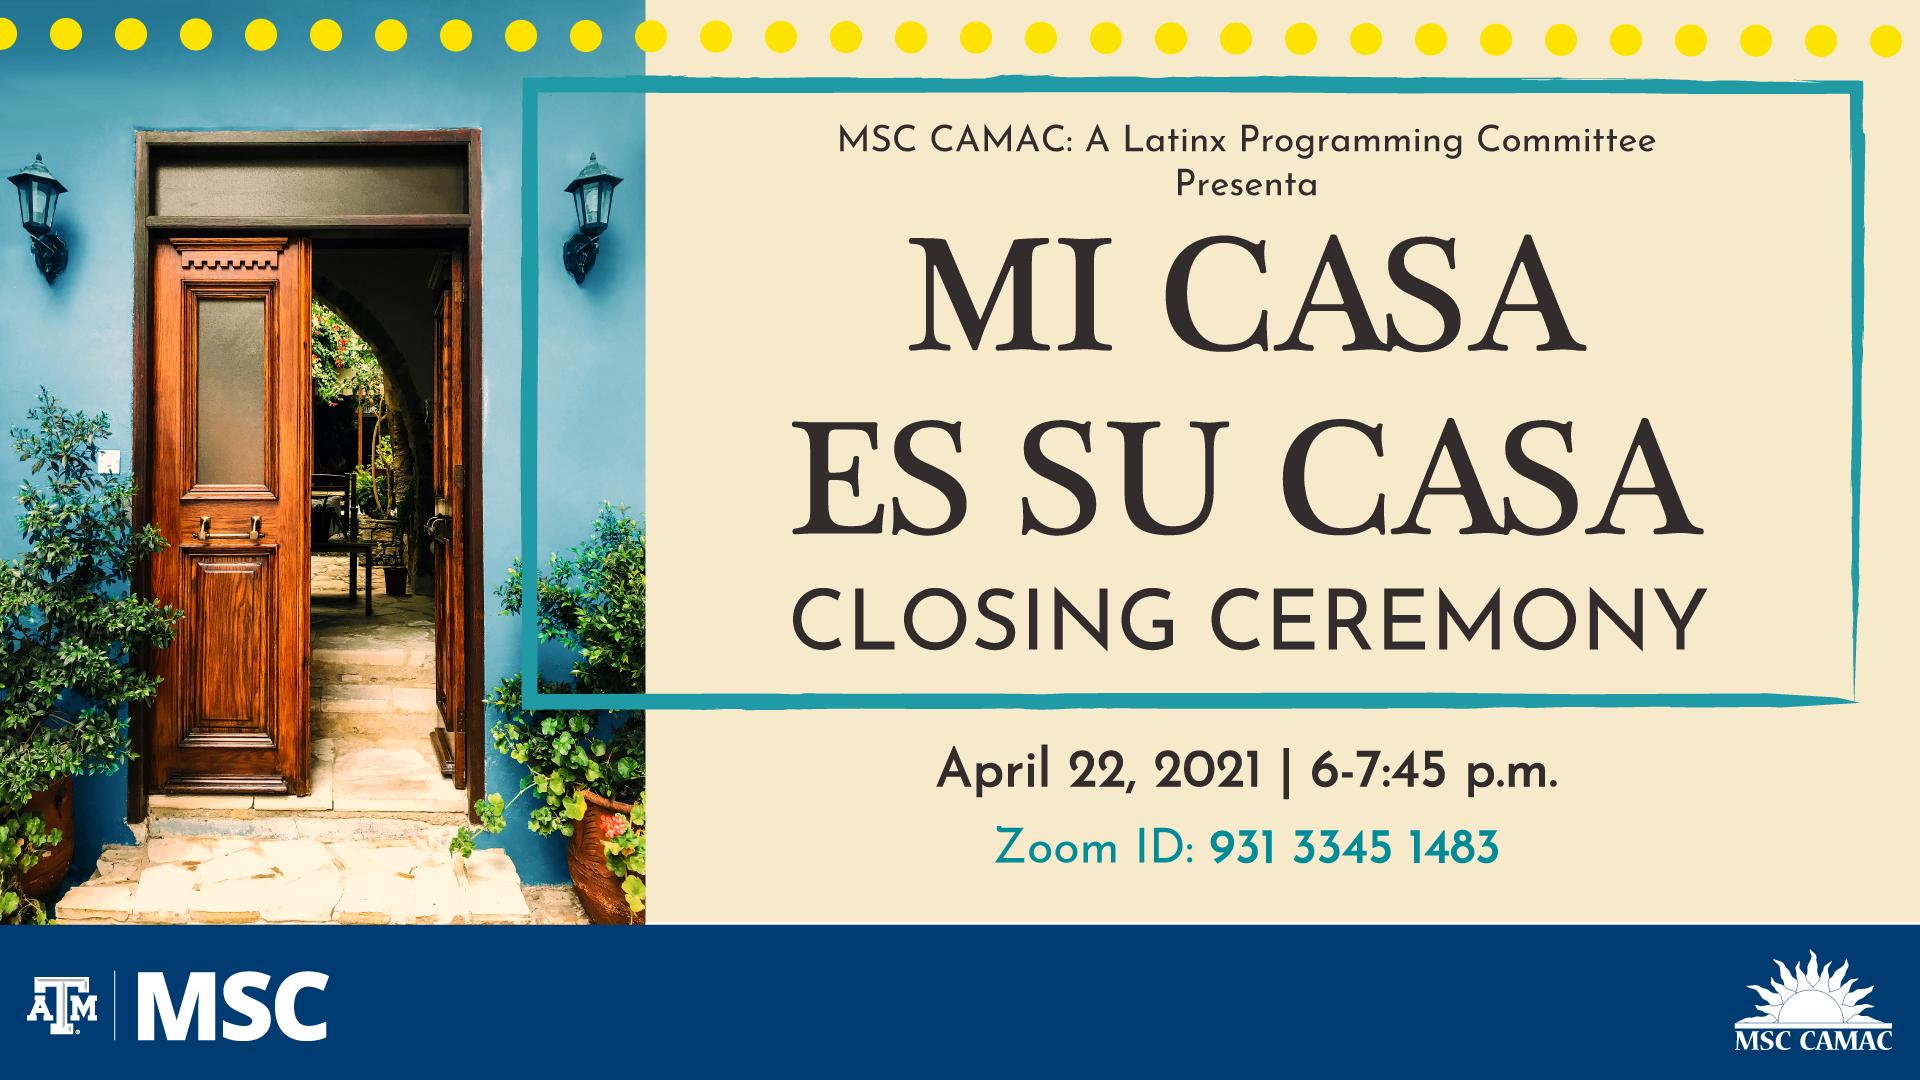 """MSC CAMAC: A Latinx Programming Committee Presenta """"Mi Casa es Su Casa"""" Closing Ceremony April 22, 2021 from 6 to 7:45 p.m. Zoom ID: 93133451483"""